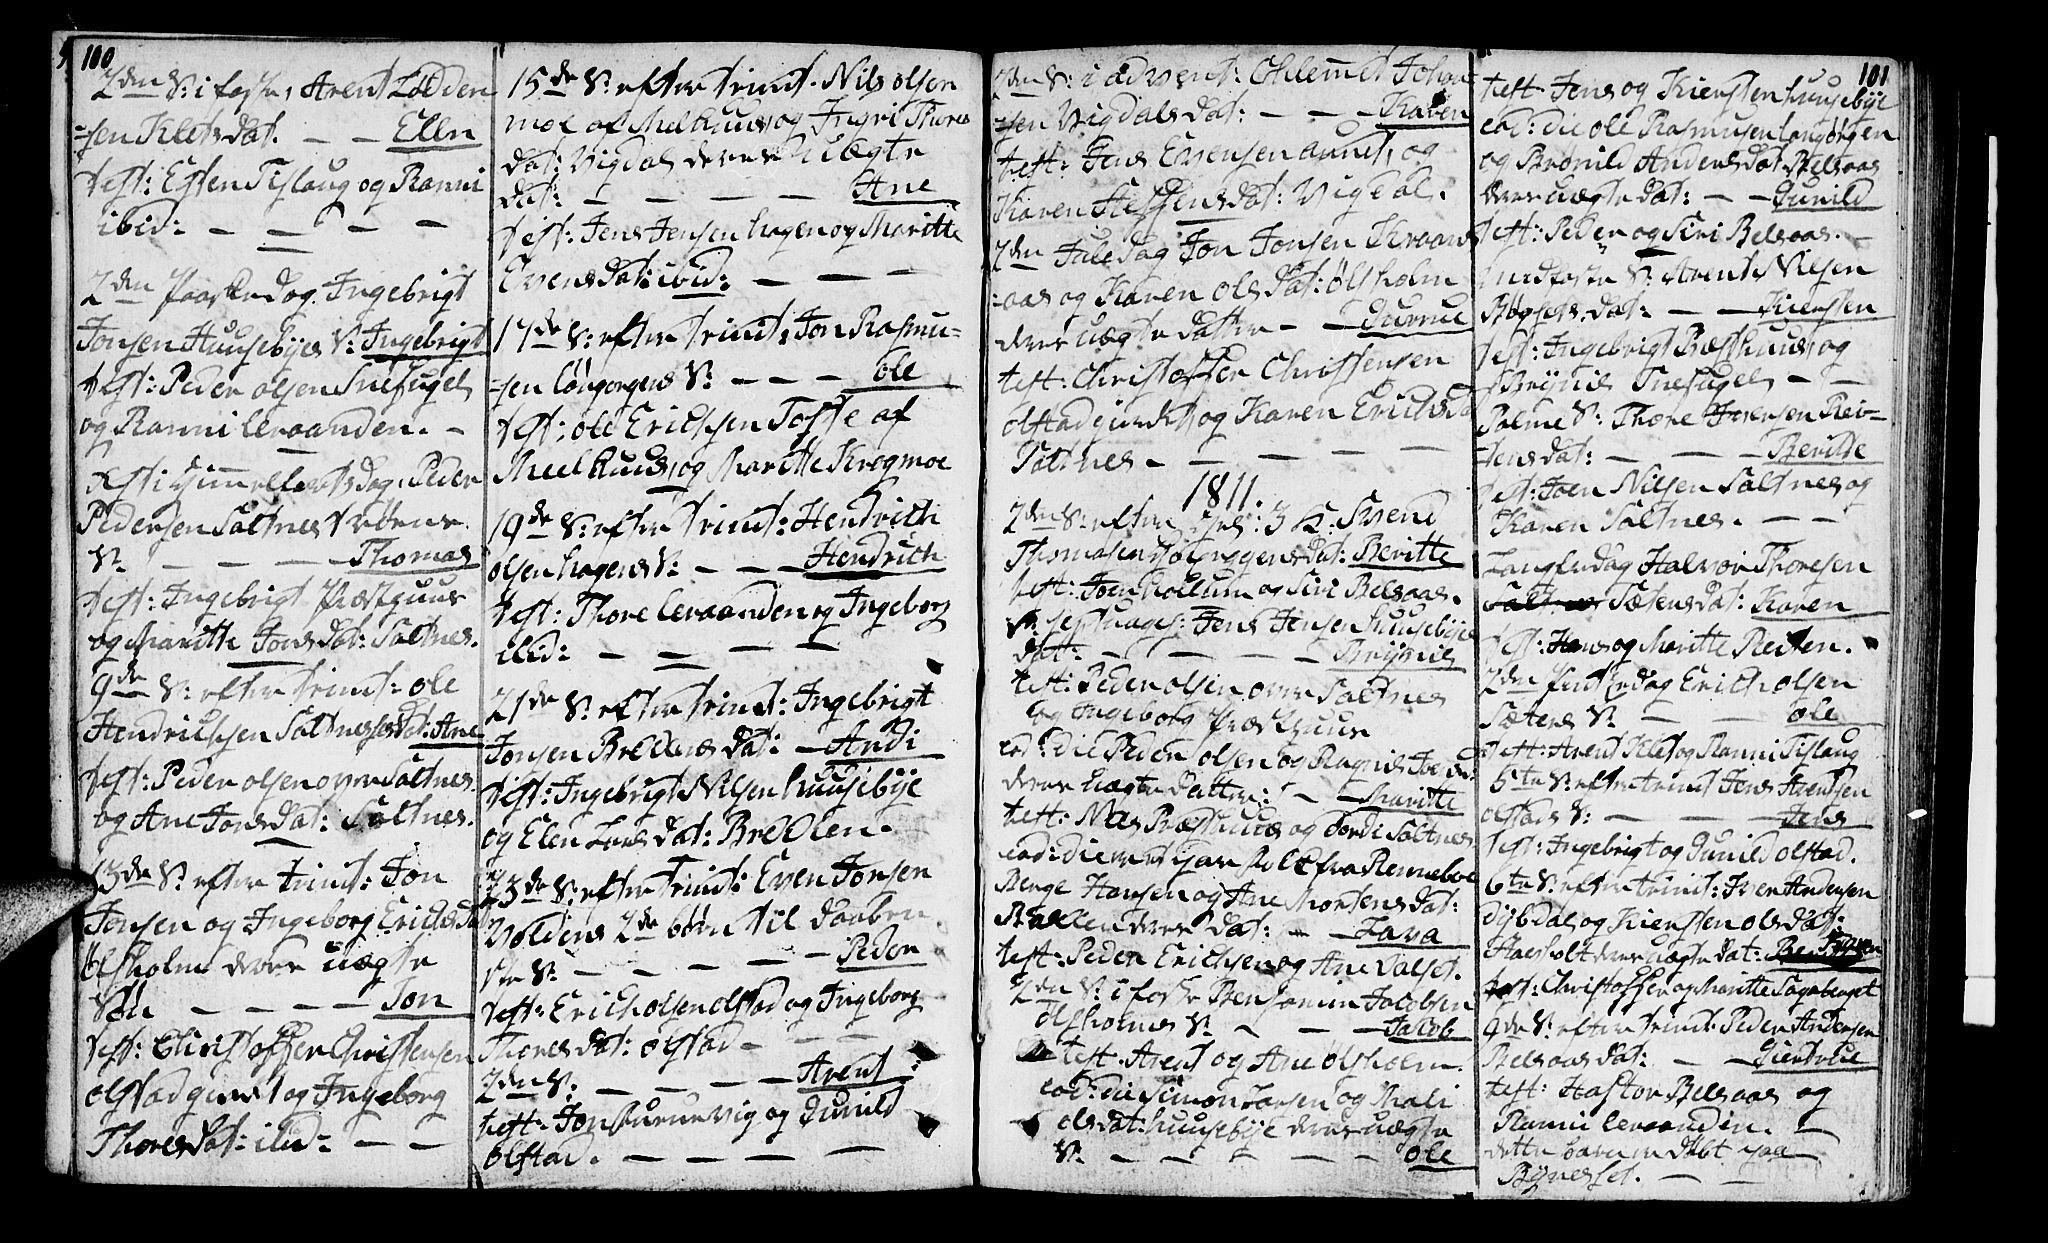 SAT, Ministerialprotokoller, klokkerbøker og fødselsregistre - Sør-Trøndelag, 666/L0785: Ministerialbok nr. 666A03, 1803-1816, s. 100-101